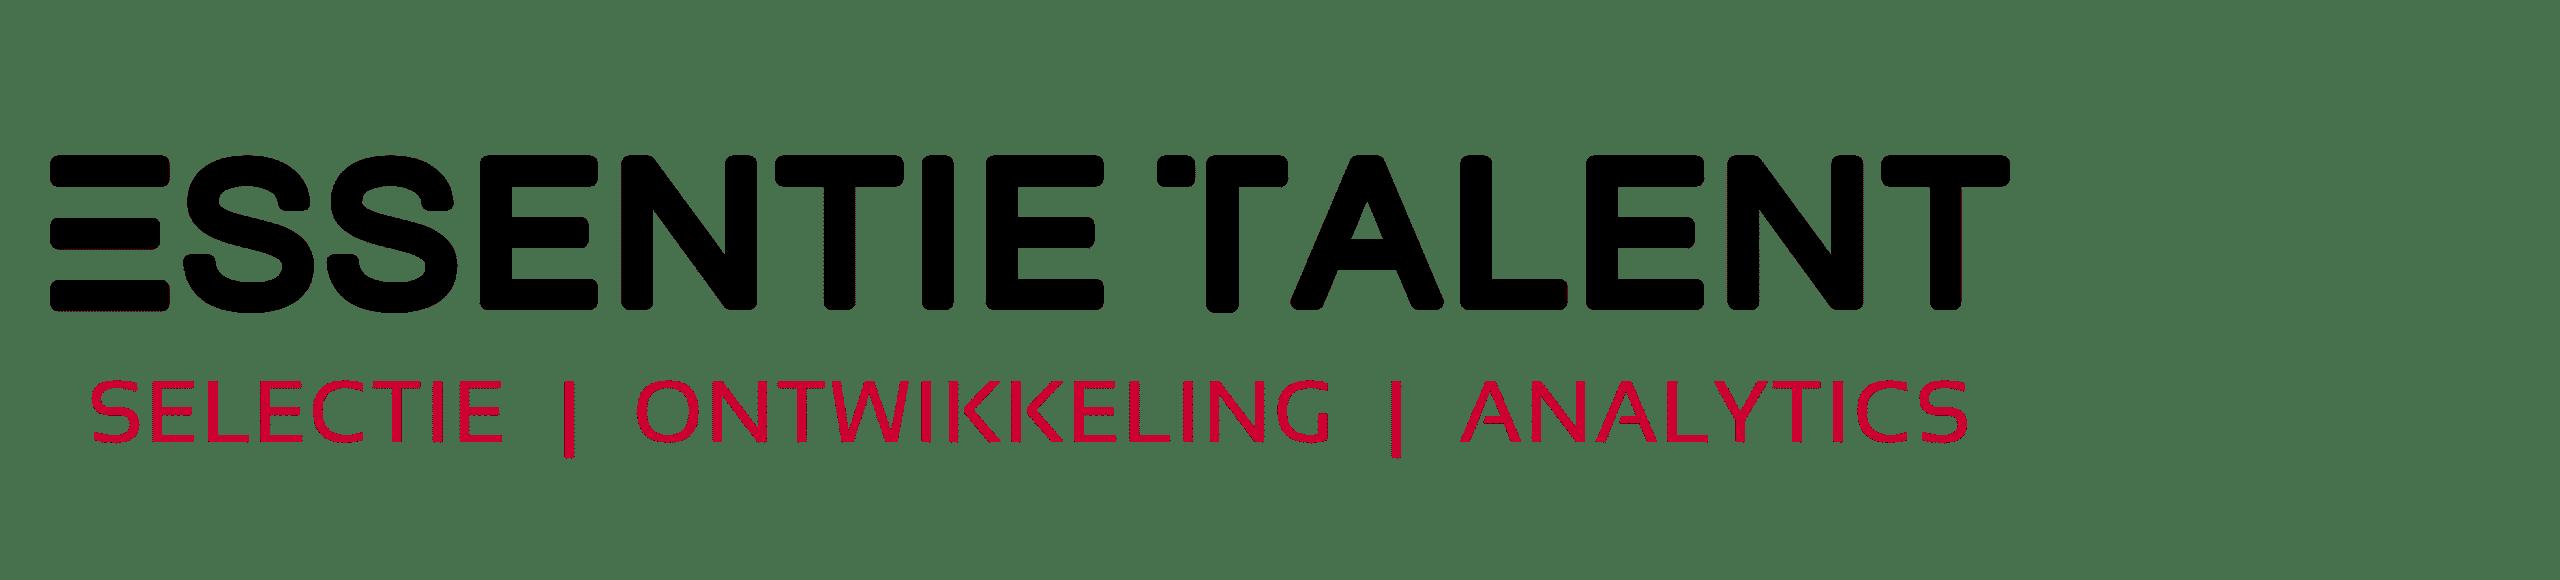 Essentie Talent Logo